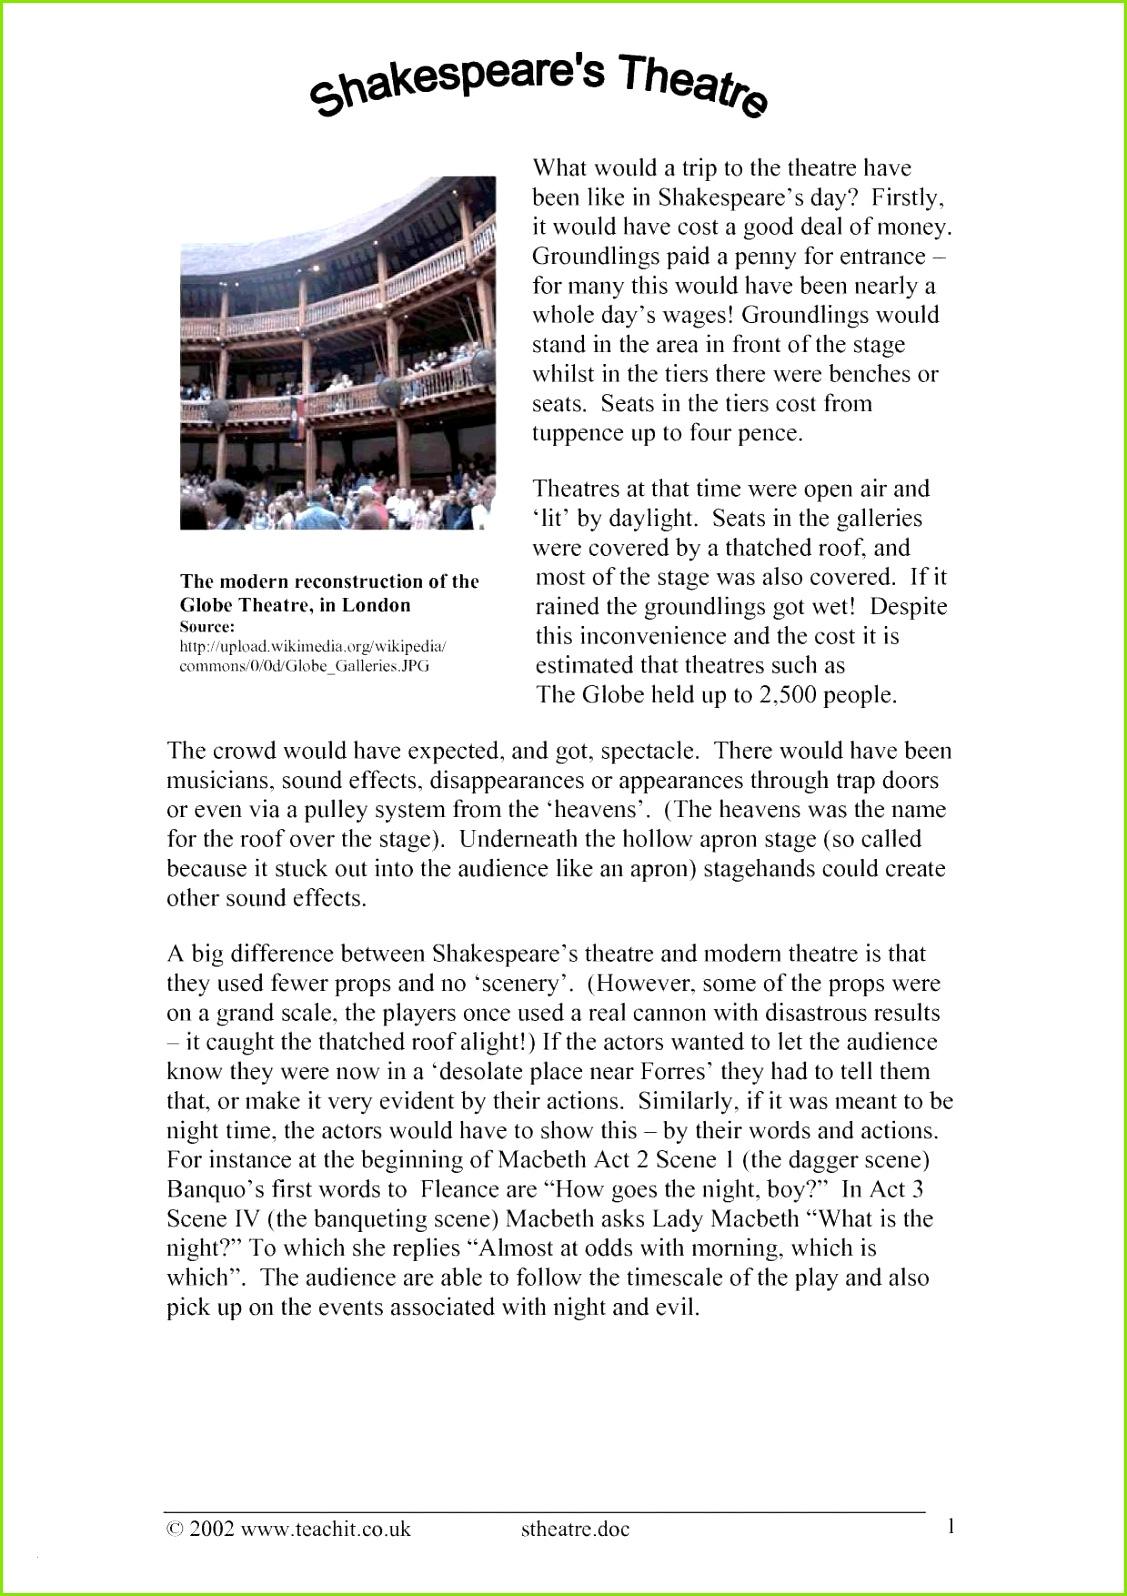 Portfolio Schule Vorlage Herunterladbare Portfolio Deckblatt Gestalten Bewerbung Anschreiben Muster Praktikum